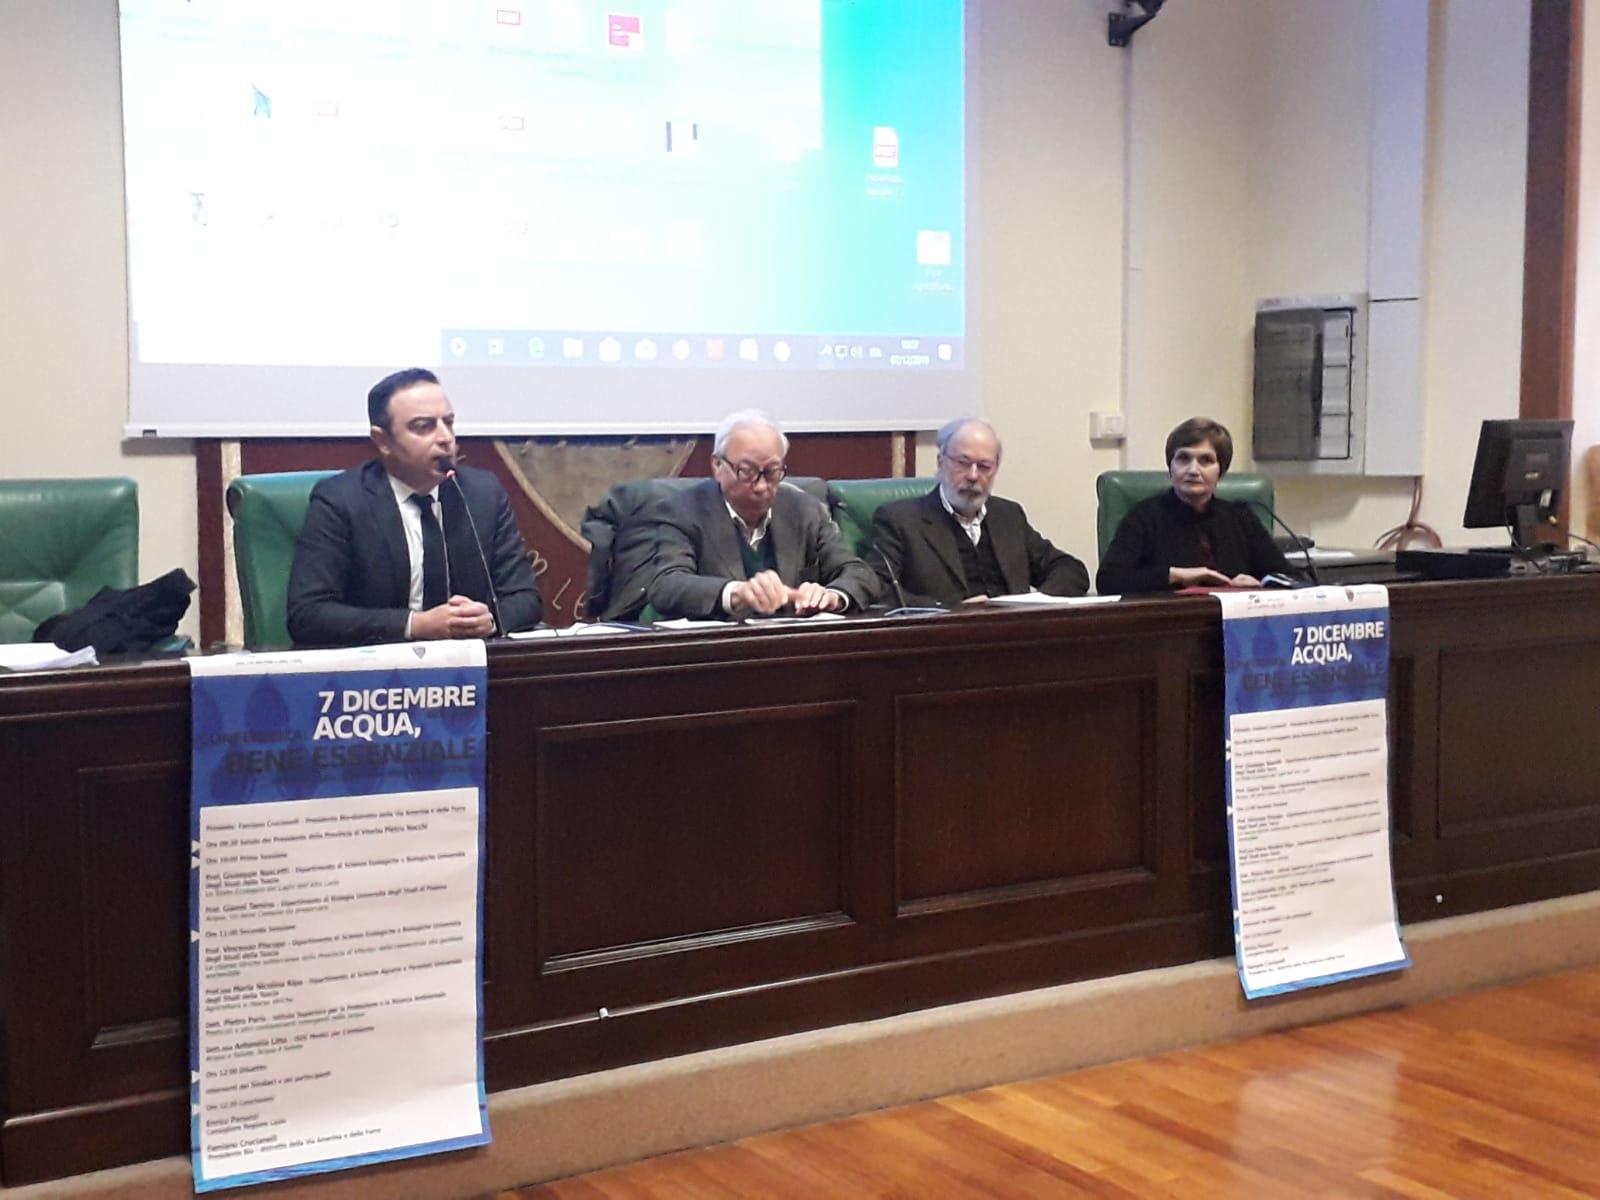 """Materiale informativo della conferenza """"Acqua Bene Essenziale"""". Lo stato delle Acque nella Provincia di Viterbo"""